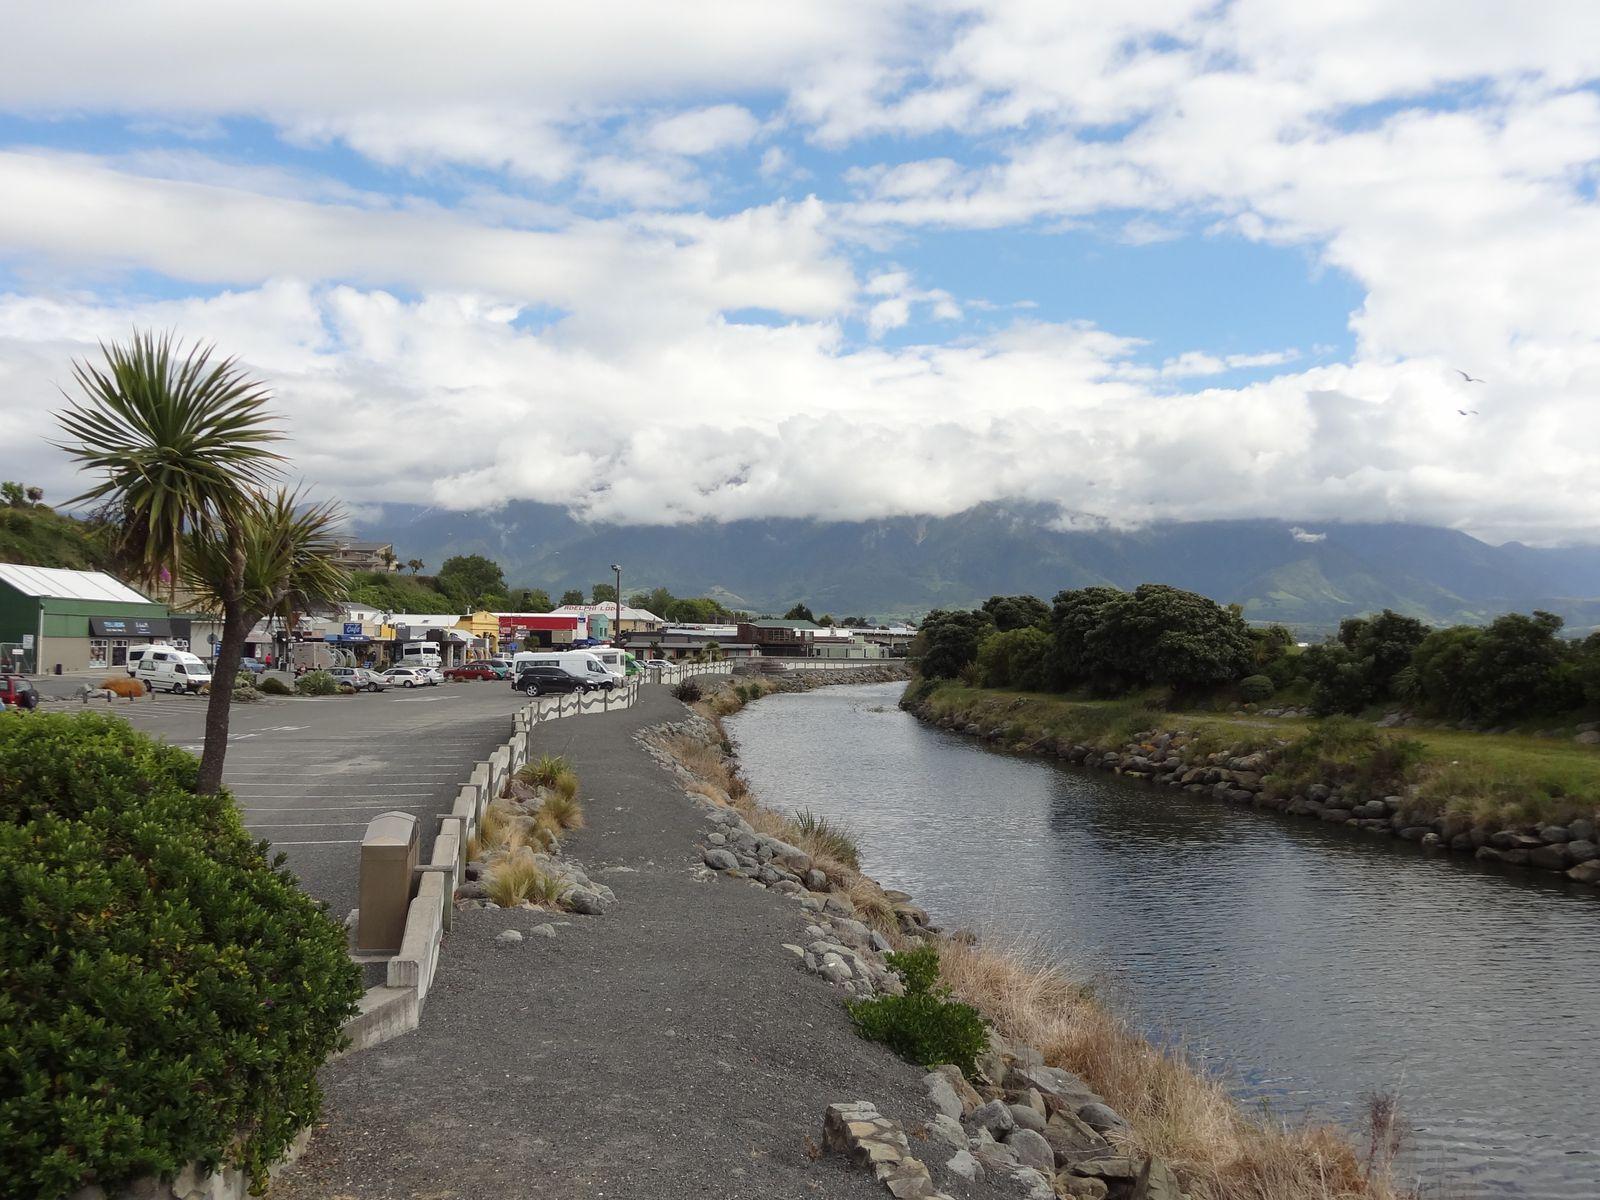 Départ d'une randonnée de 3h30 : Peininsula Walkway